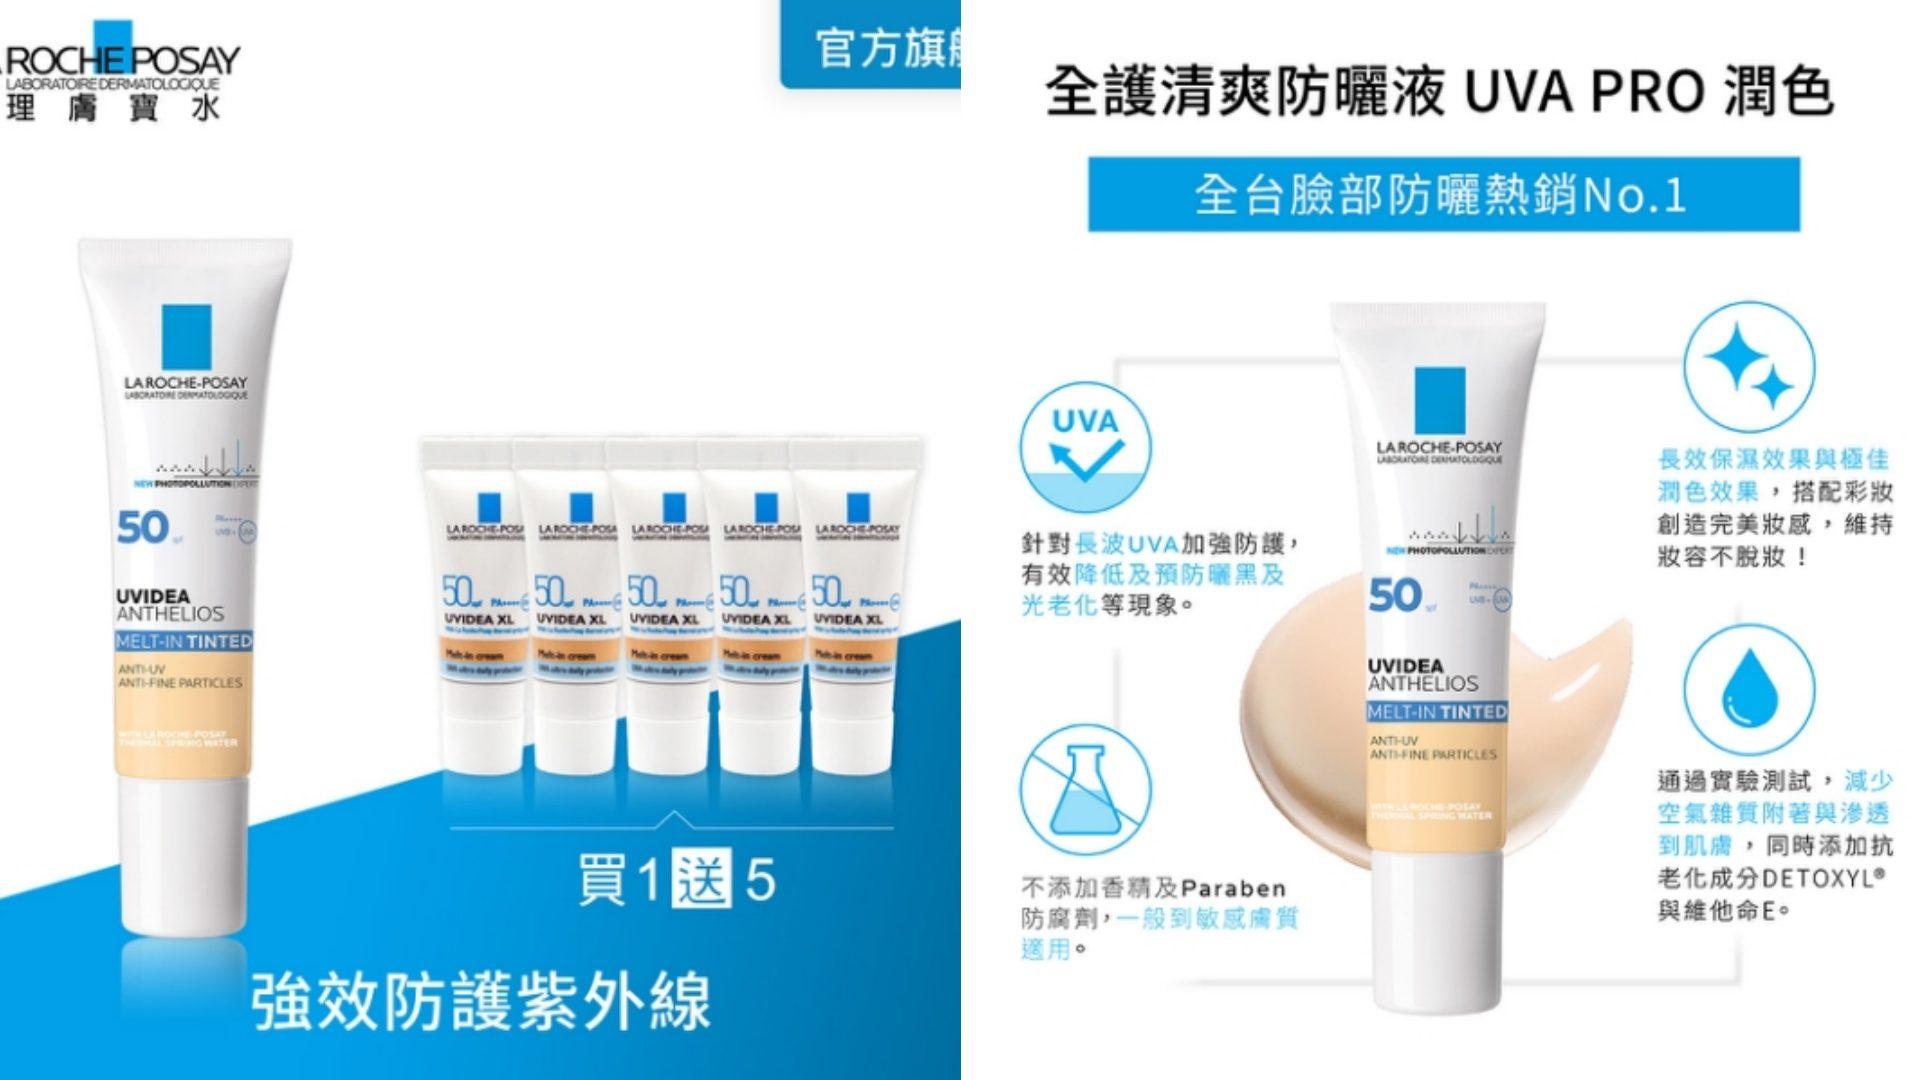 這時候直接使用潤色防曬就能一次解決防曬和膚色不均問題,除了有高效的防曬係數外,也經人體實驗證實為臉部防曬首選!